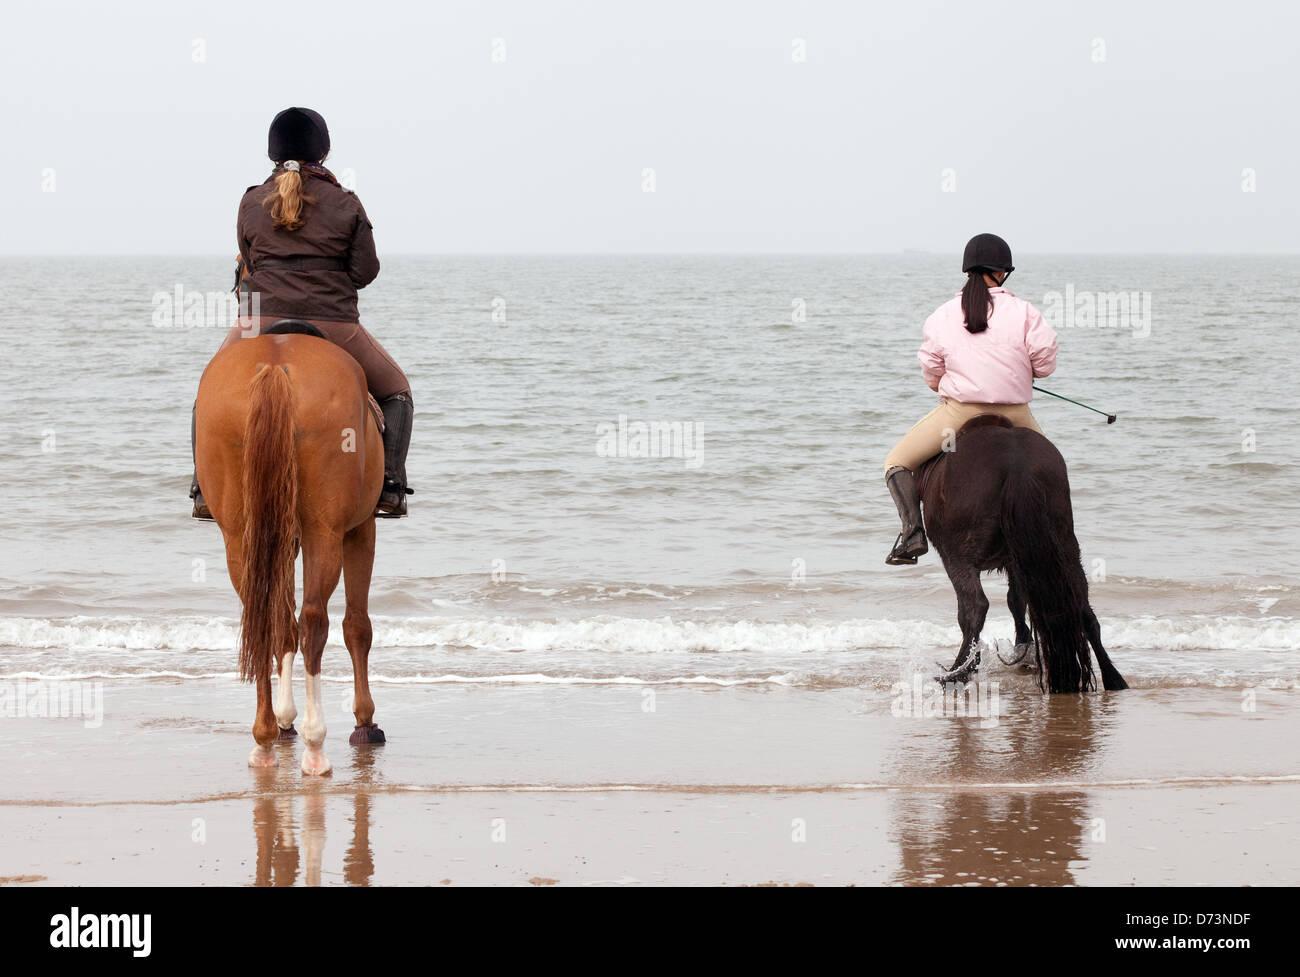 Zwei junge Frauen auf Pferden reiten am Strand von den Gewässern Rand Holkham Beach-Norfolk UK Stockbild